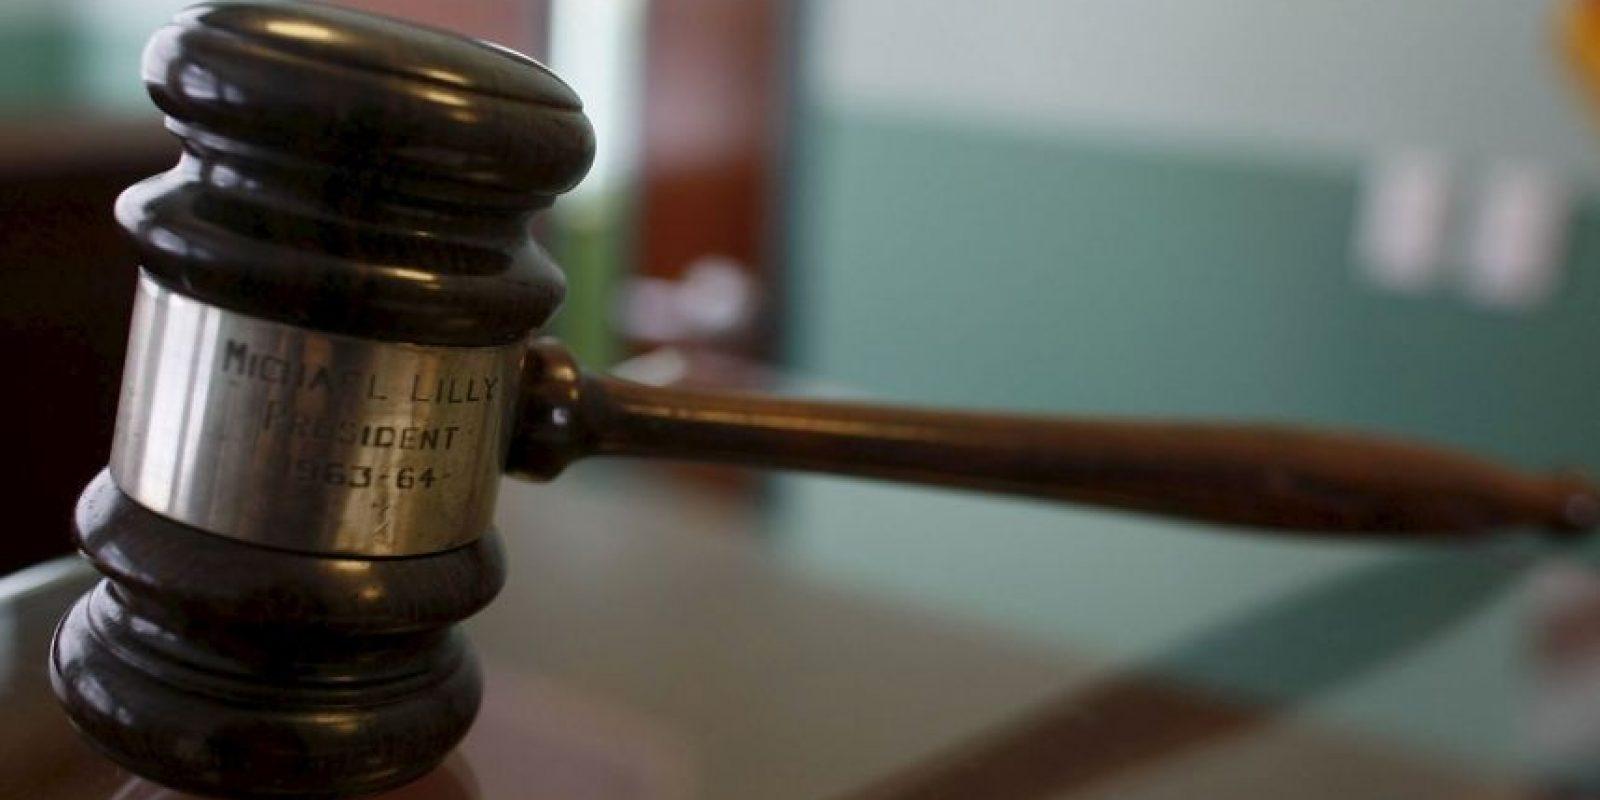 Este es el primer caso donde un juez acepta enviar un documento de orden legal válido por esta red social. Foto:Getty